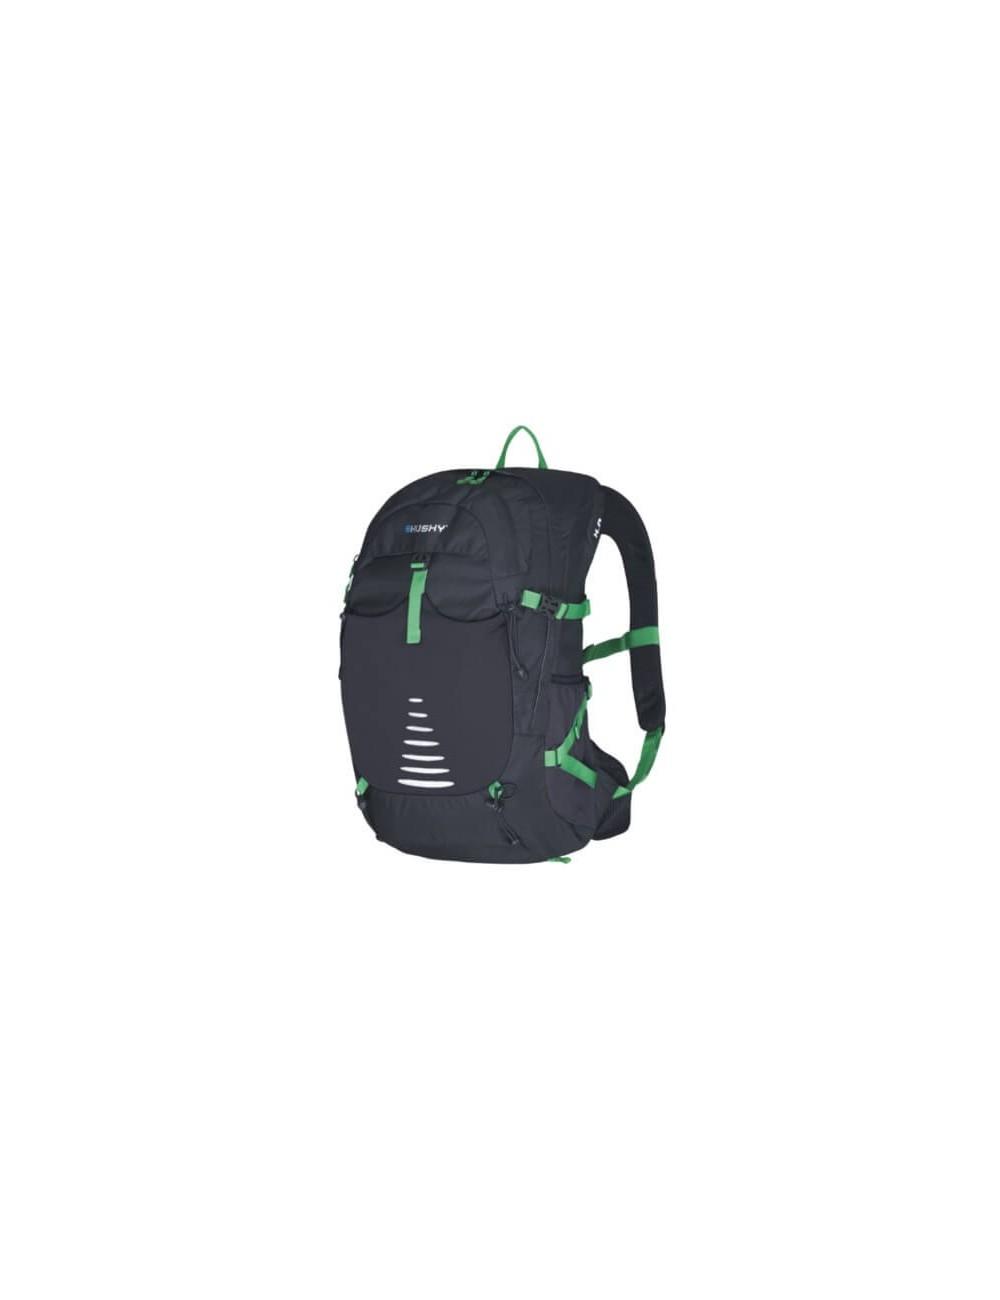 Husky rucksack, Trekking, Radfahren, Backpacking Skid - 30 Liter - Schwarz